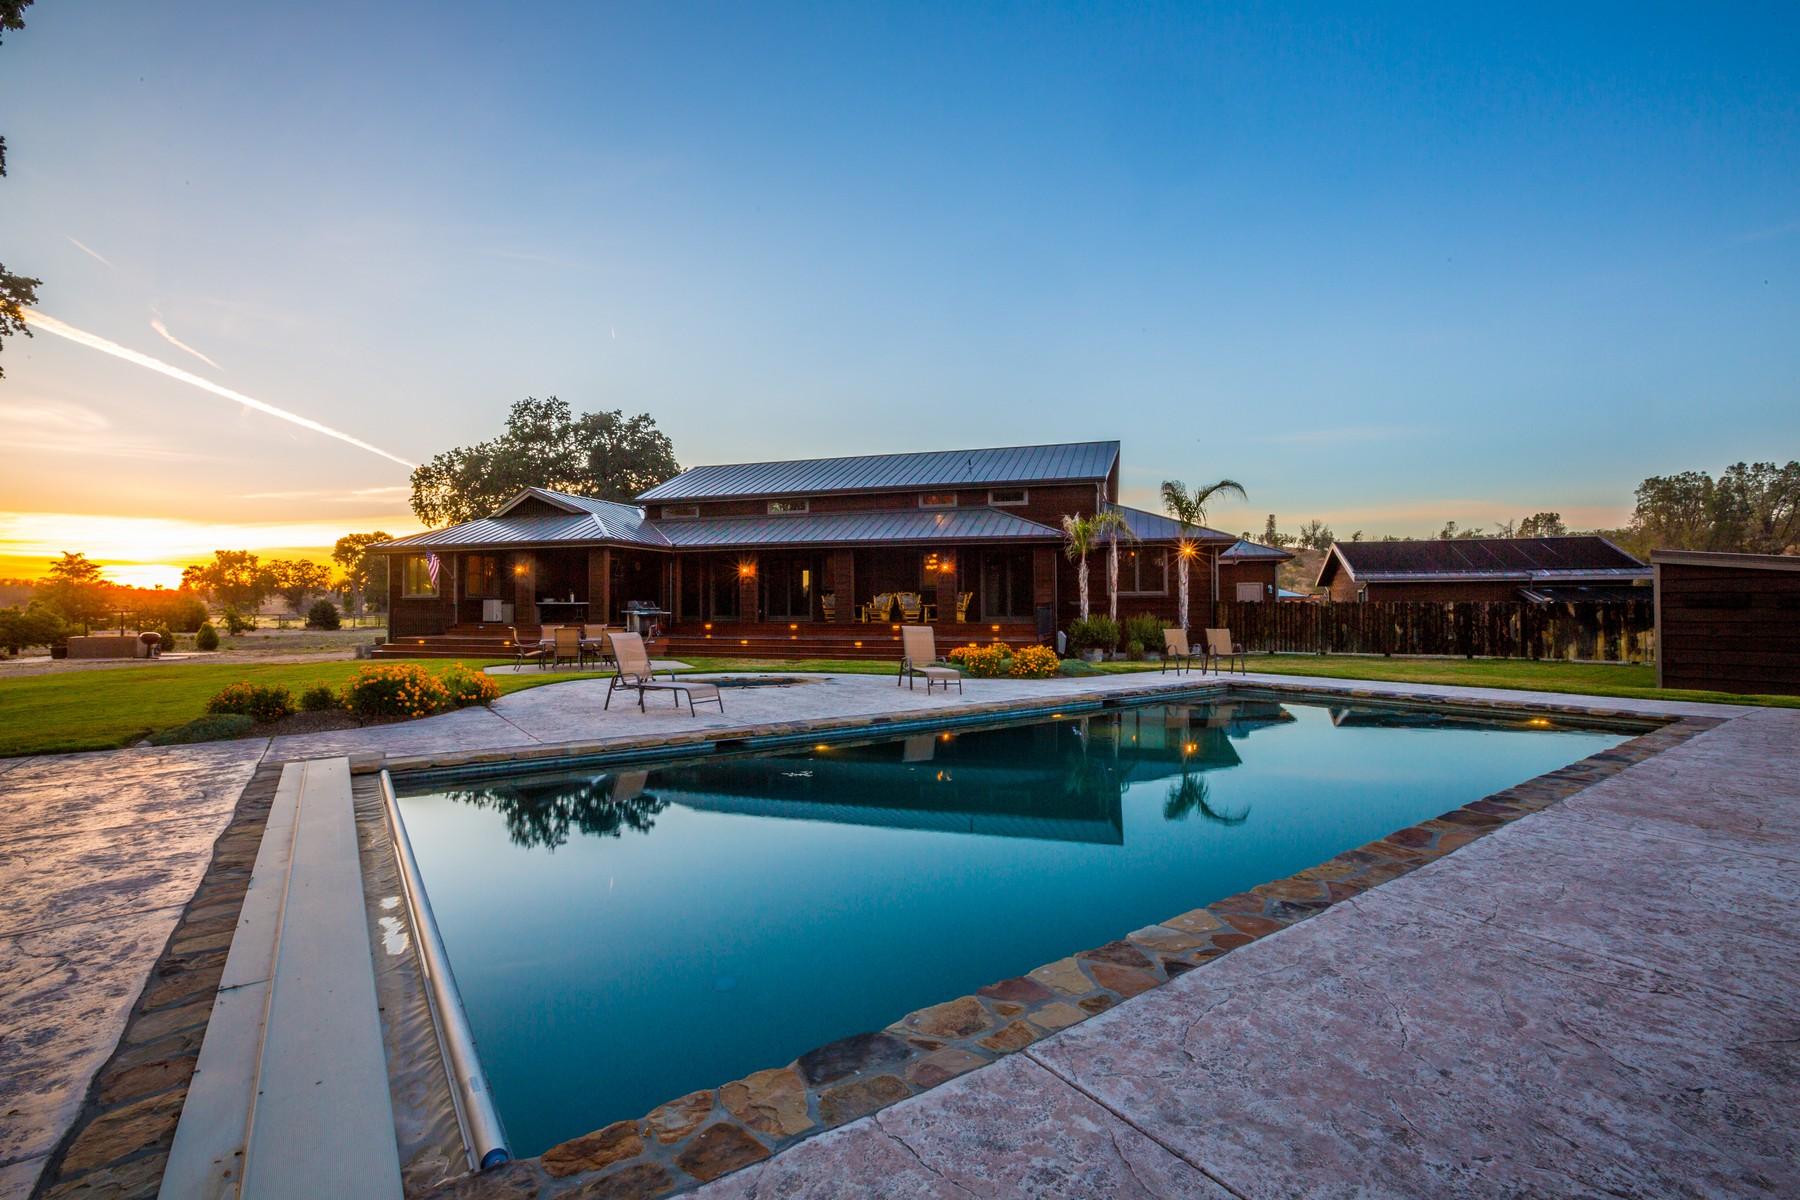 Частный односемейный дом для того Продажа на 7585 O'Donovan Road Creston 93432 United States Creston, Калифорния, 93432 Соединенные Штаты